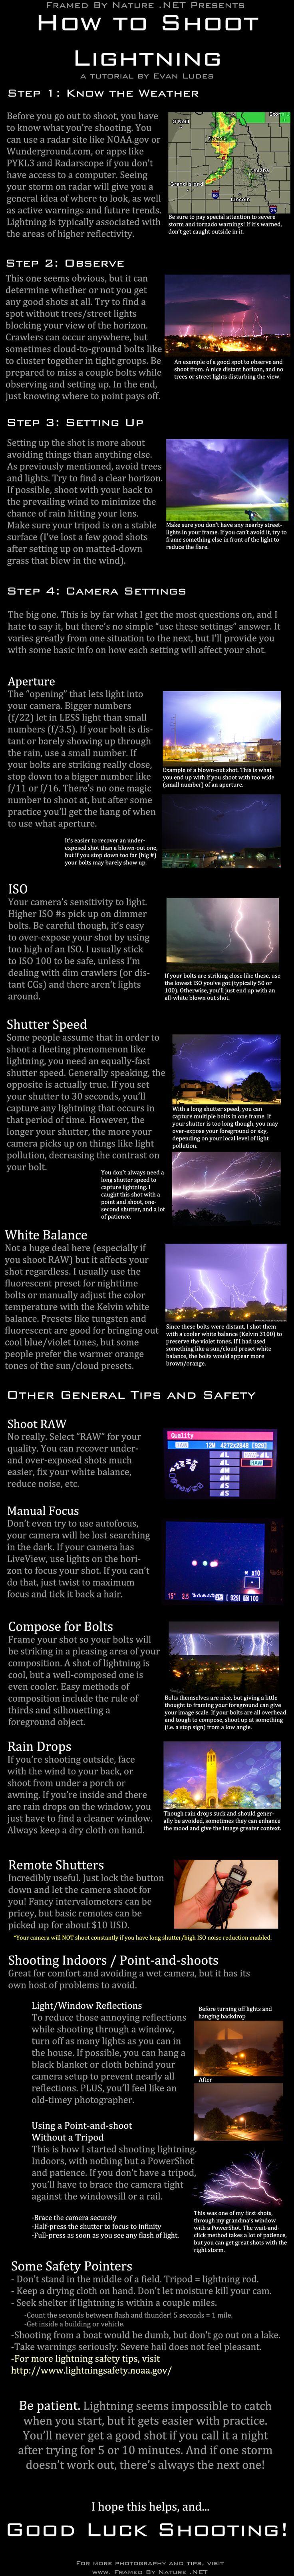 Lightning Photography Tutorial by FramedByNature.deviantart.com on @deviantART